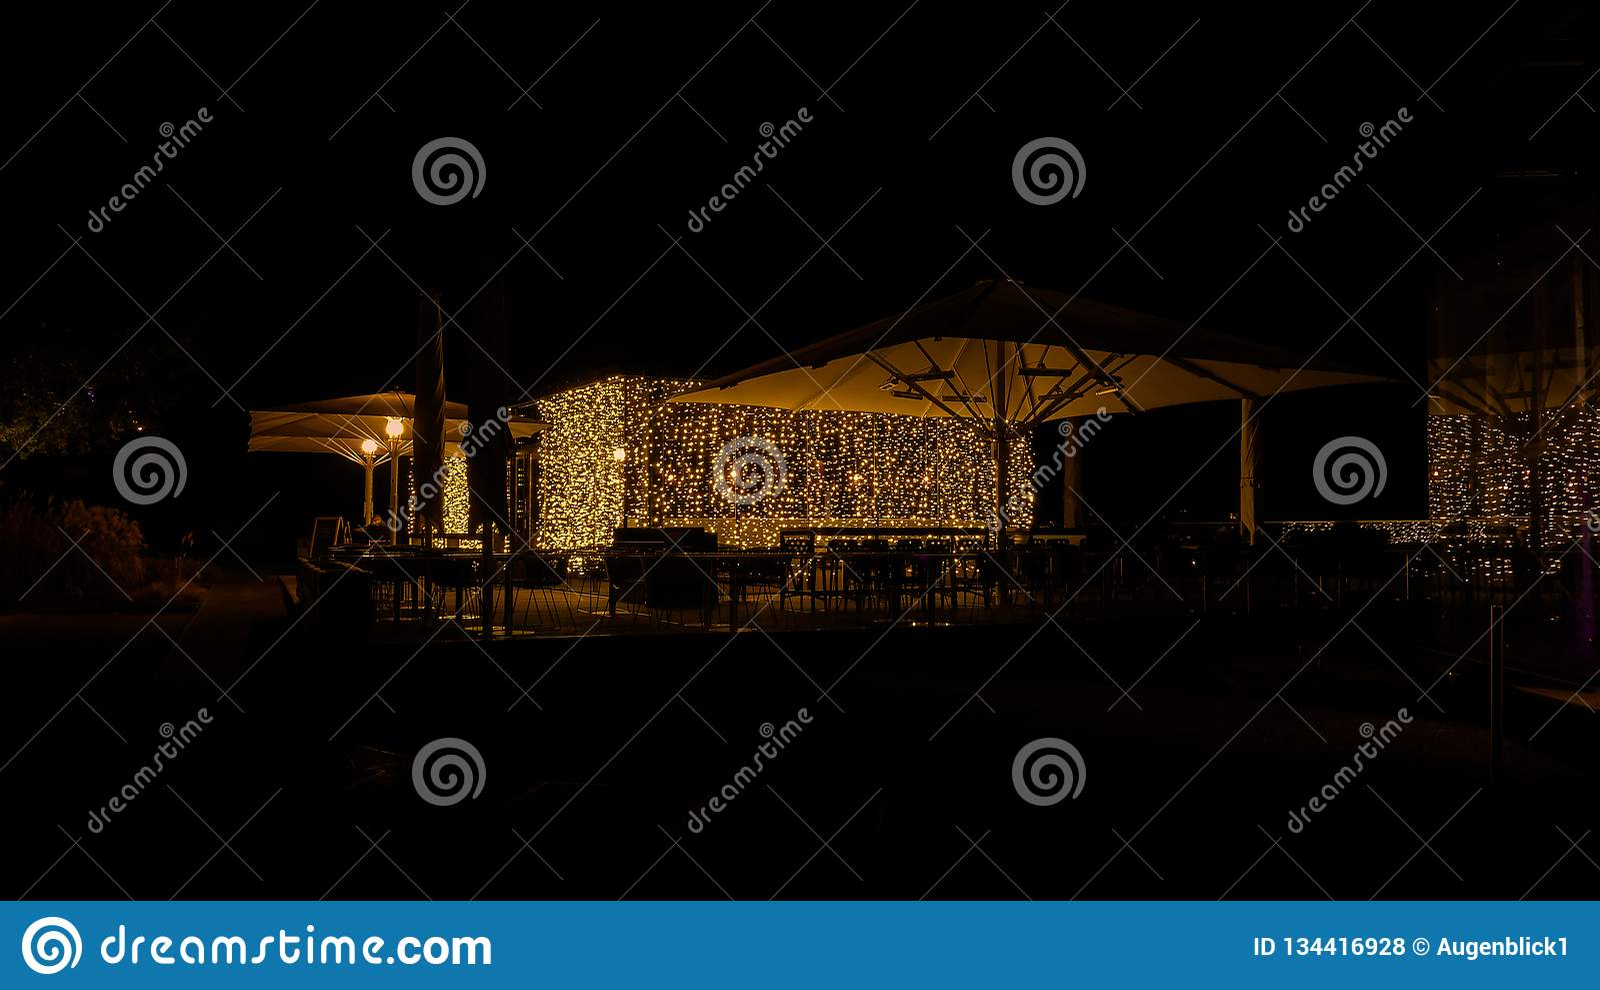 Night cafe with elegant illumination